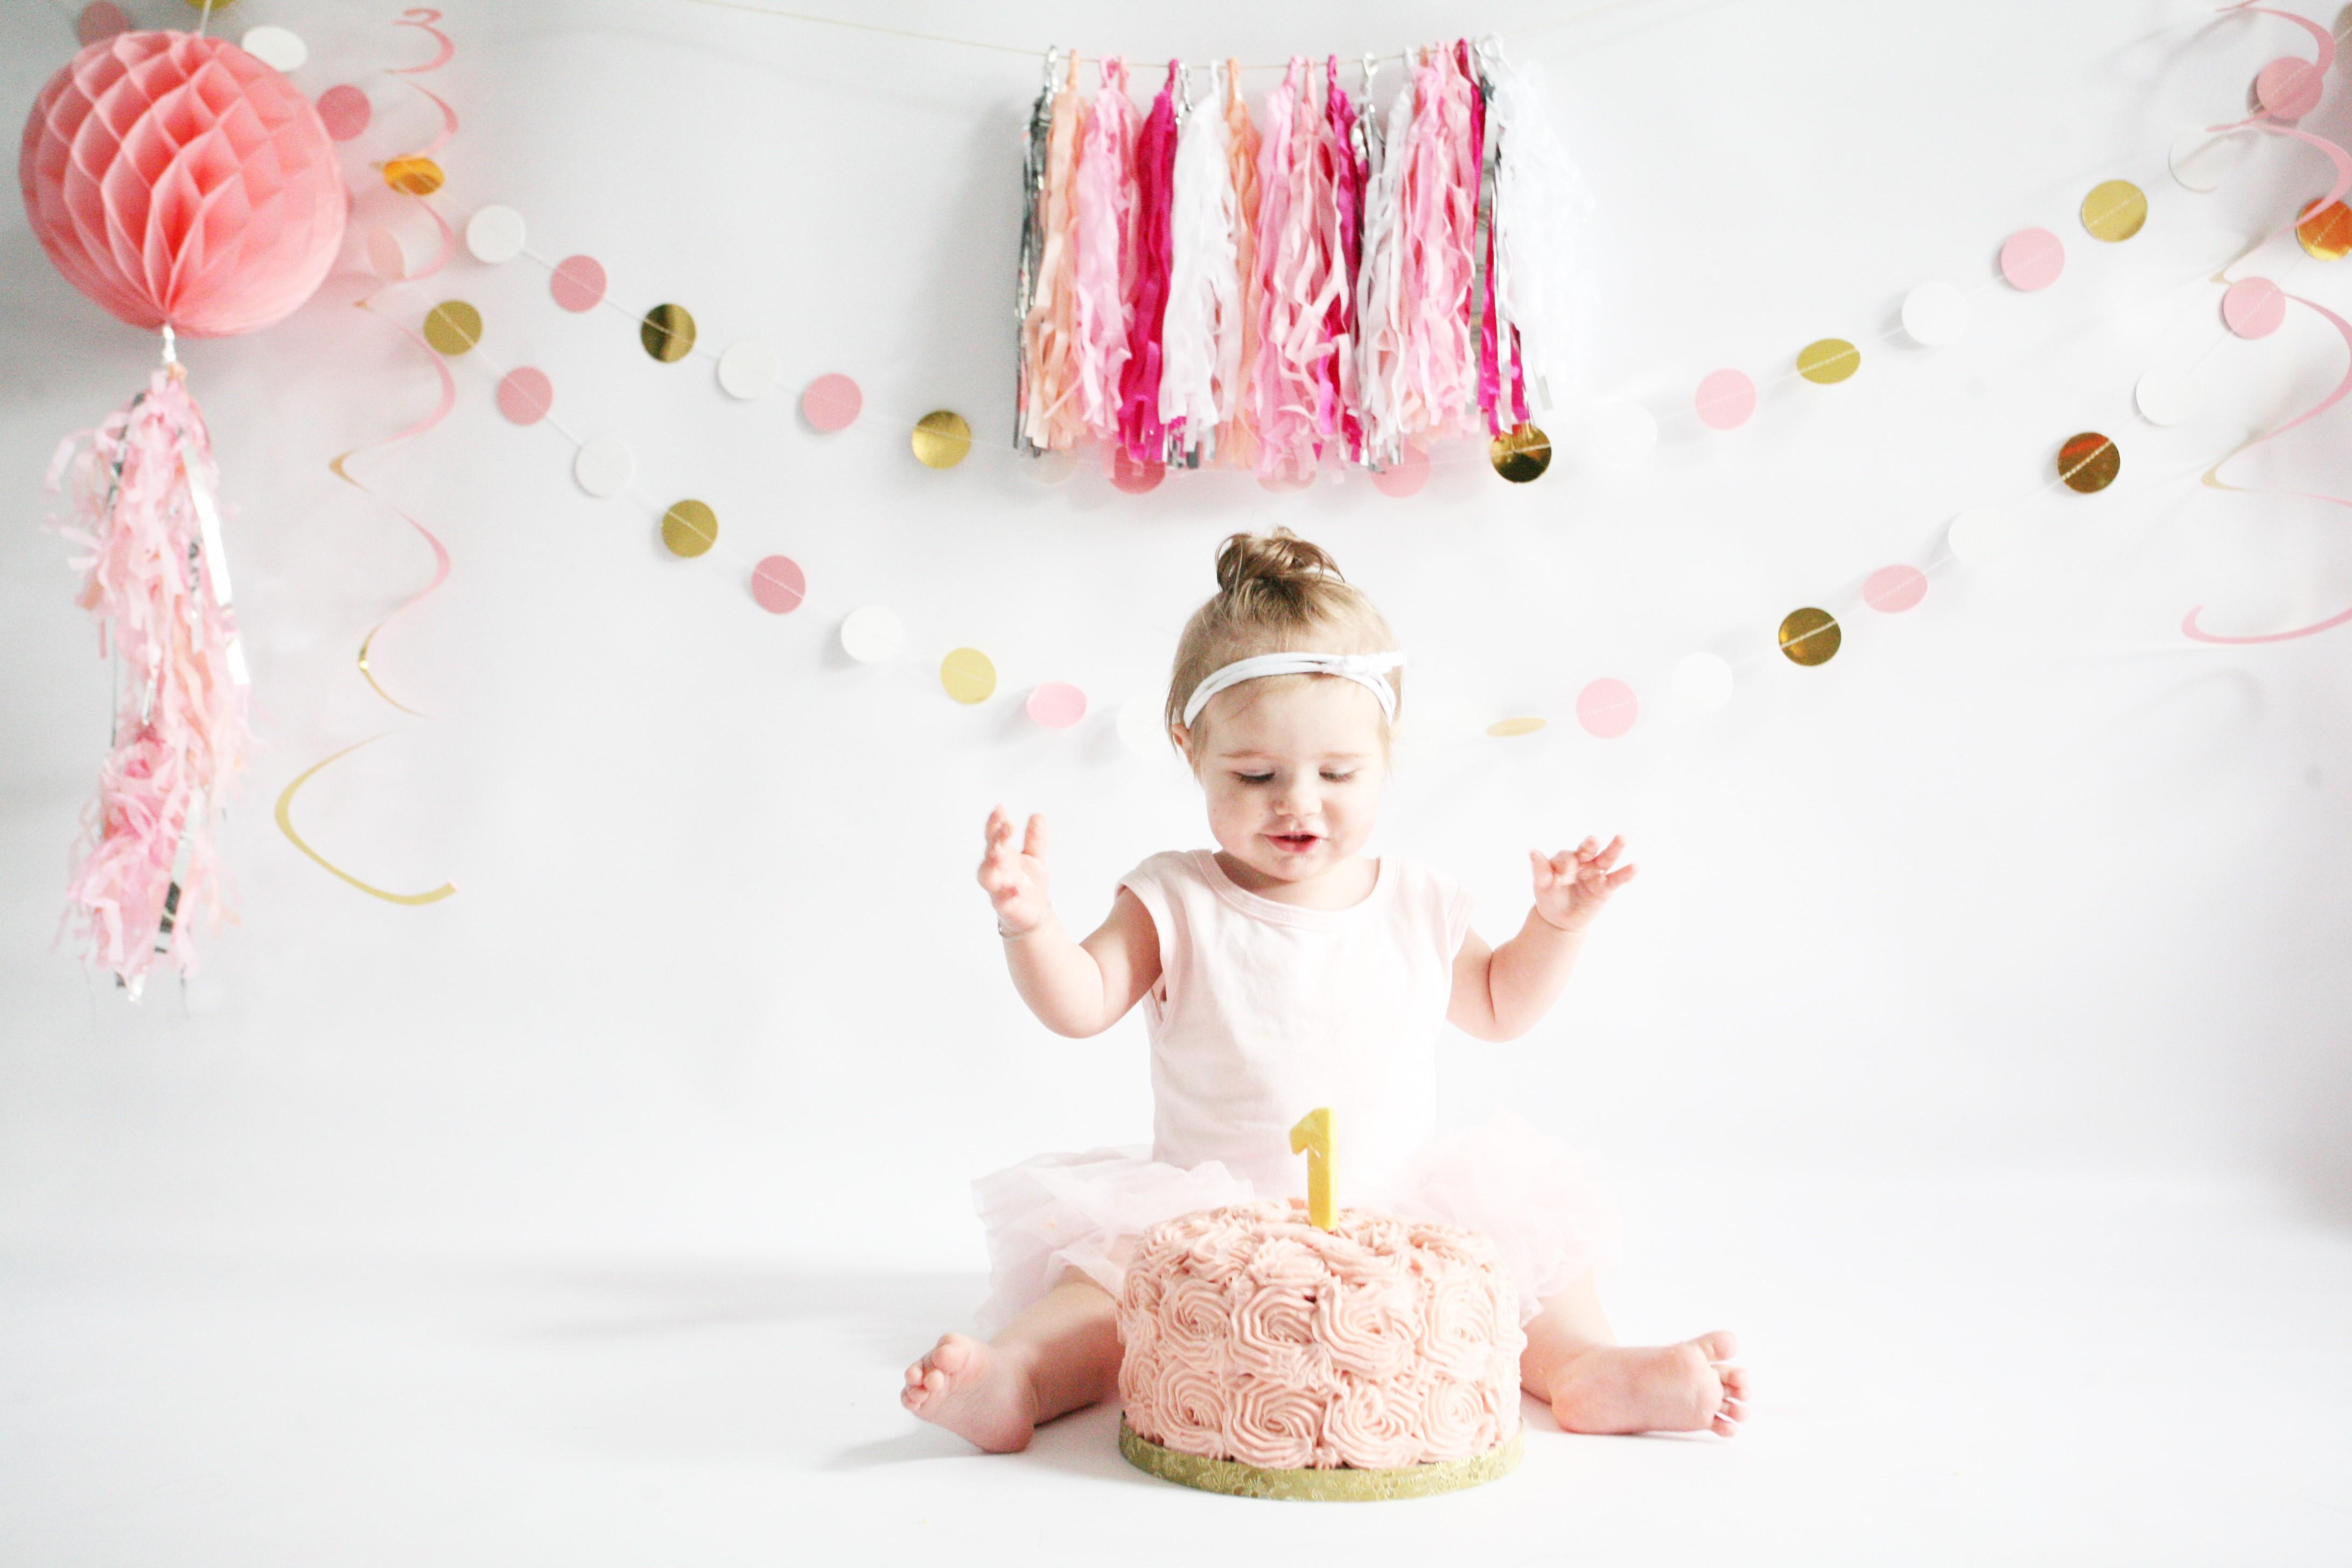 Magnifiek cakesmash verjaardag 1 jaar fotoshoot - Mama van Dijk &KU82